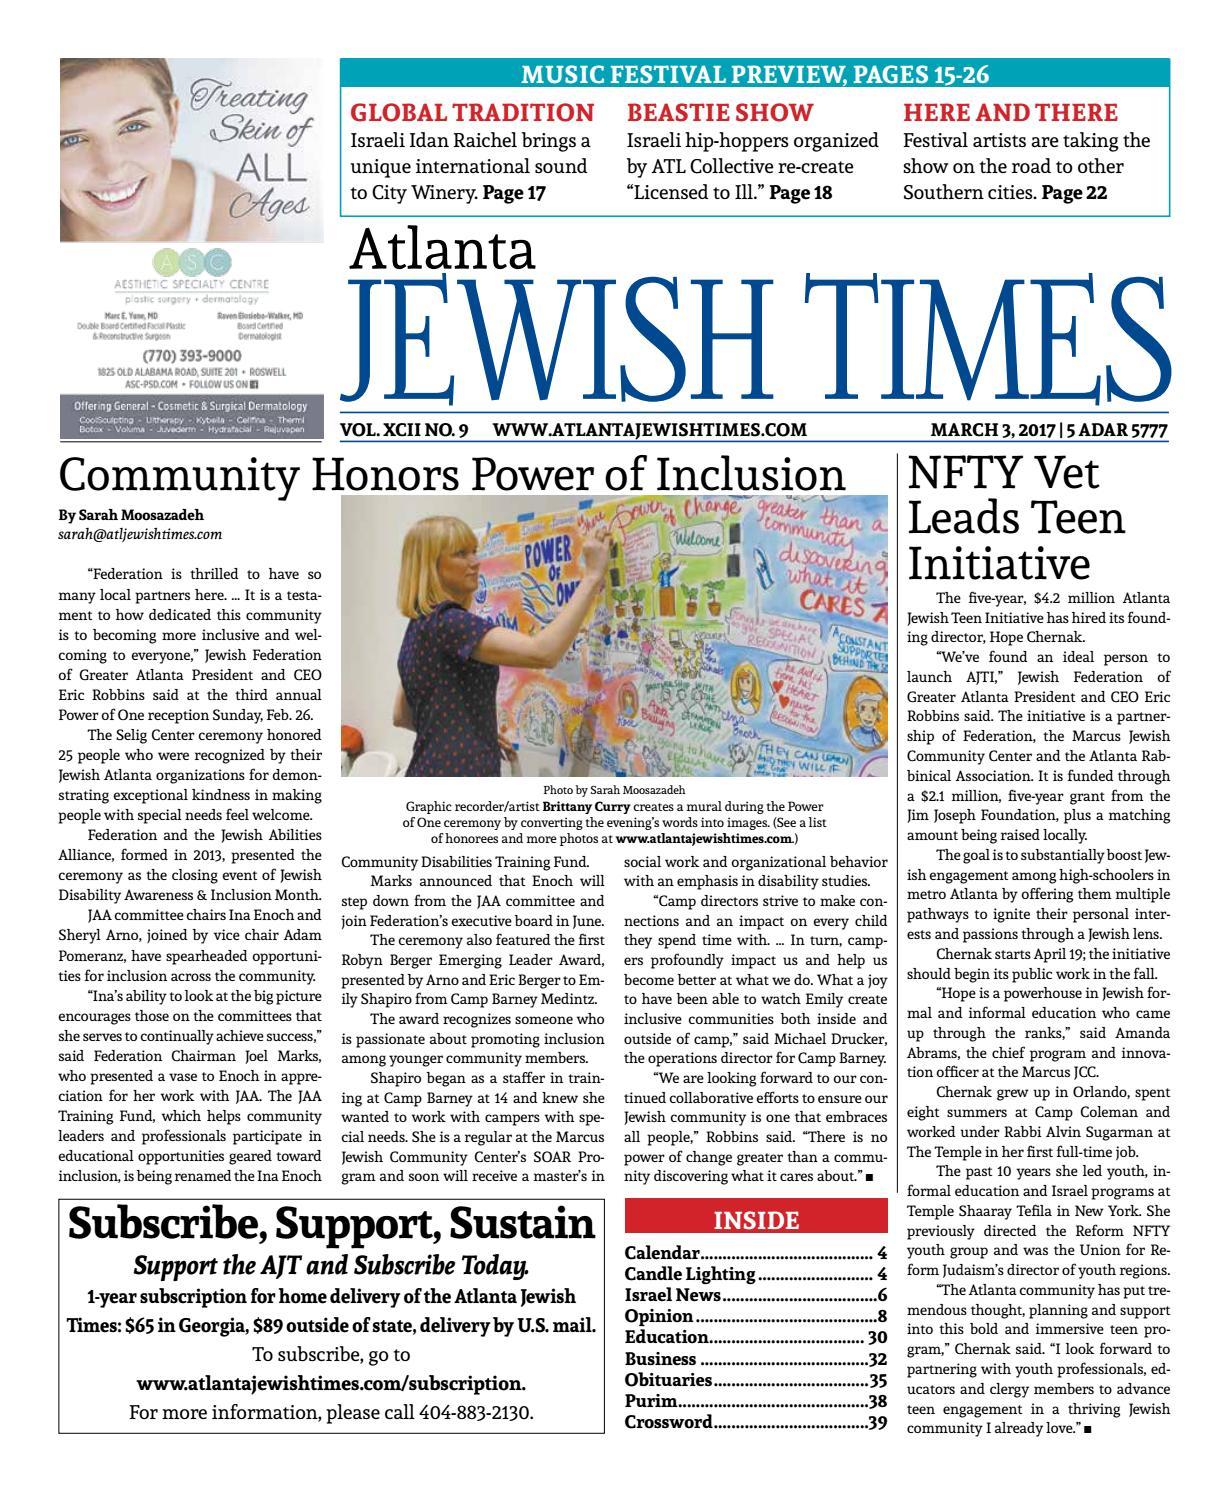 Atlanta Jewish Times Vol Xcii No 9 March 3 2017 By Atlanta Jewish Times Issuu